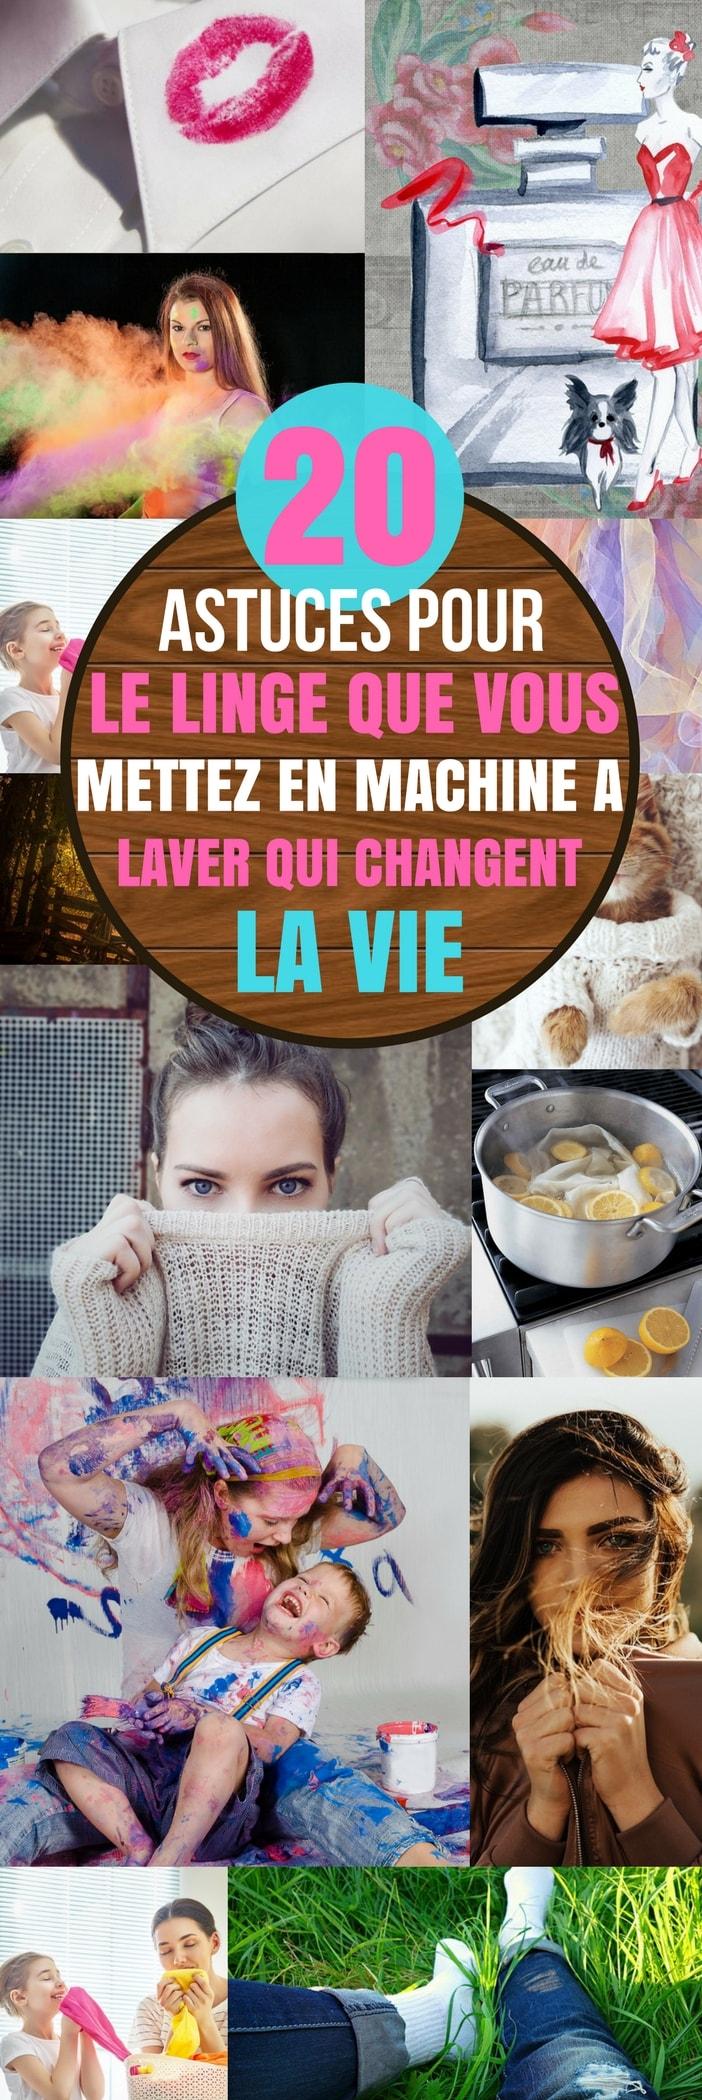 machine a laver : 20 astuces qui changent la vie ! | trucs et